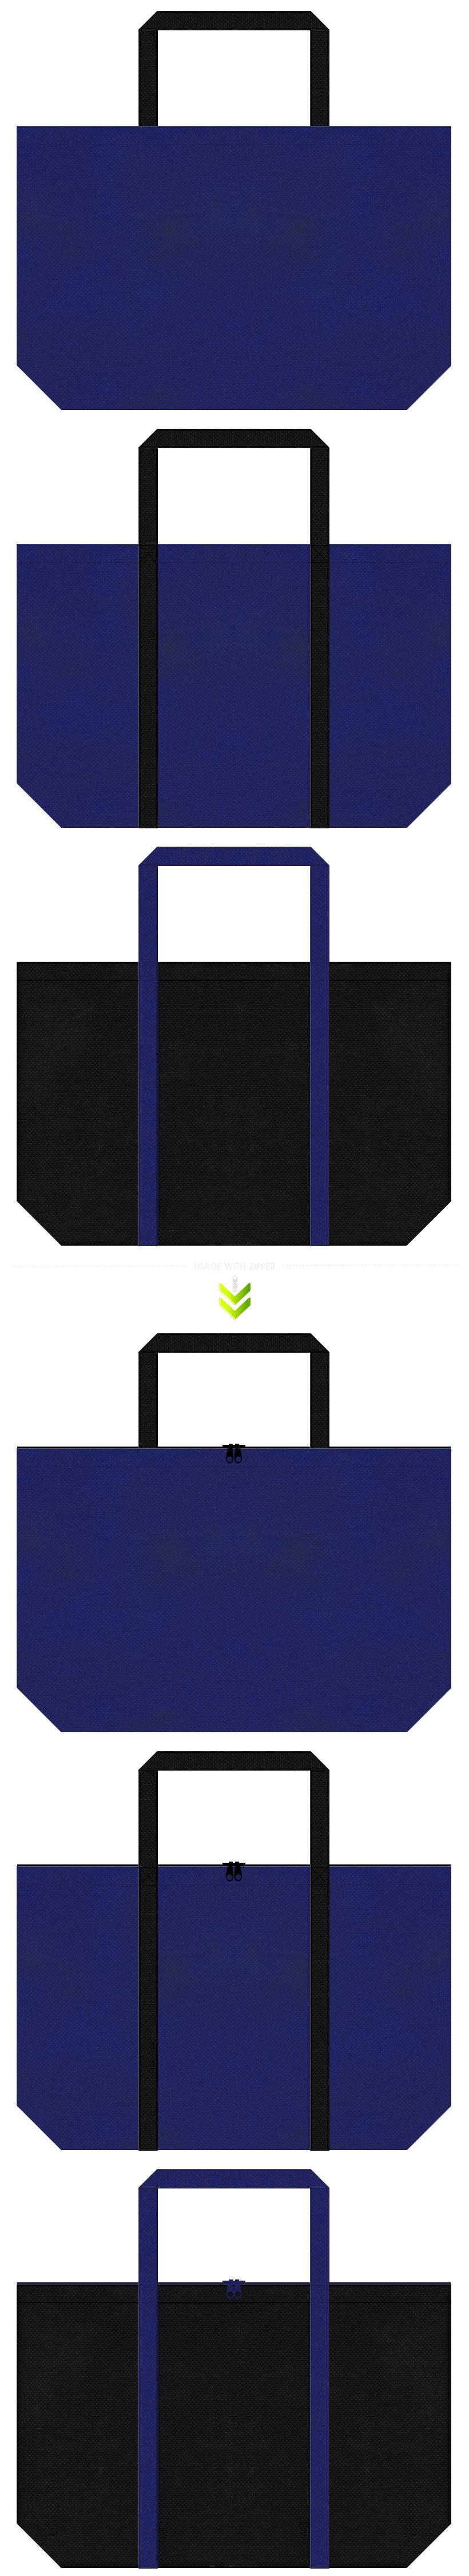 ブラックホール・ウィルス・闇夜・ミステリー・ホラー・アリーナ・ACT・STG・FTG・ゲームの展示会用バッグにお奨めの不織布バッグデザイン:明るい紺色と黒色のコーデ